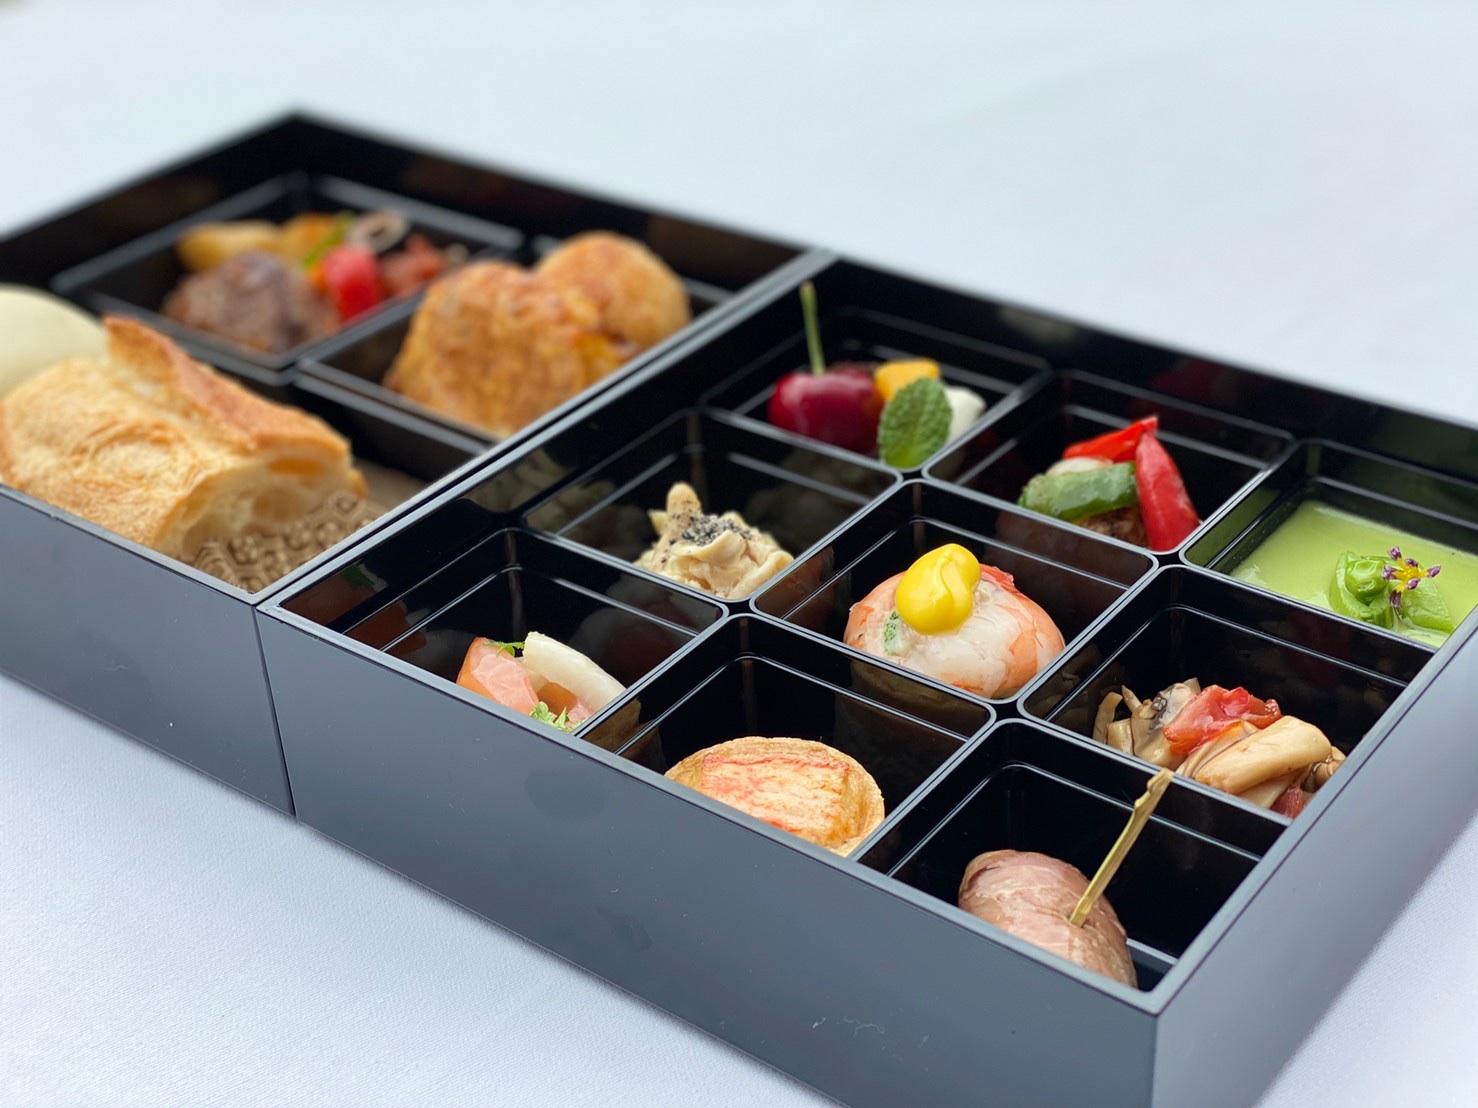 京都のケータリング【円居】で仕出し弁当